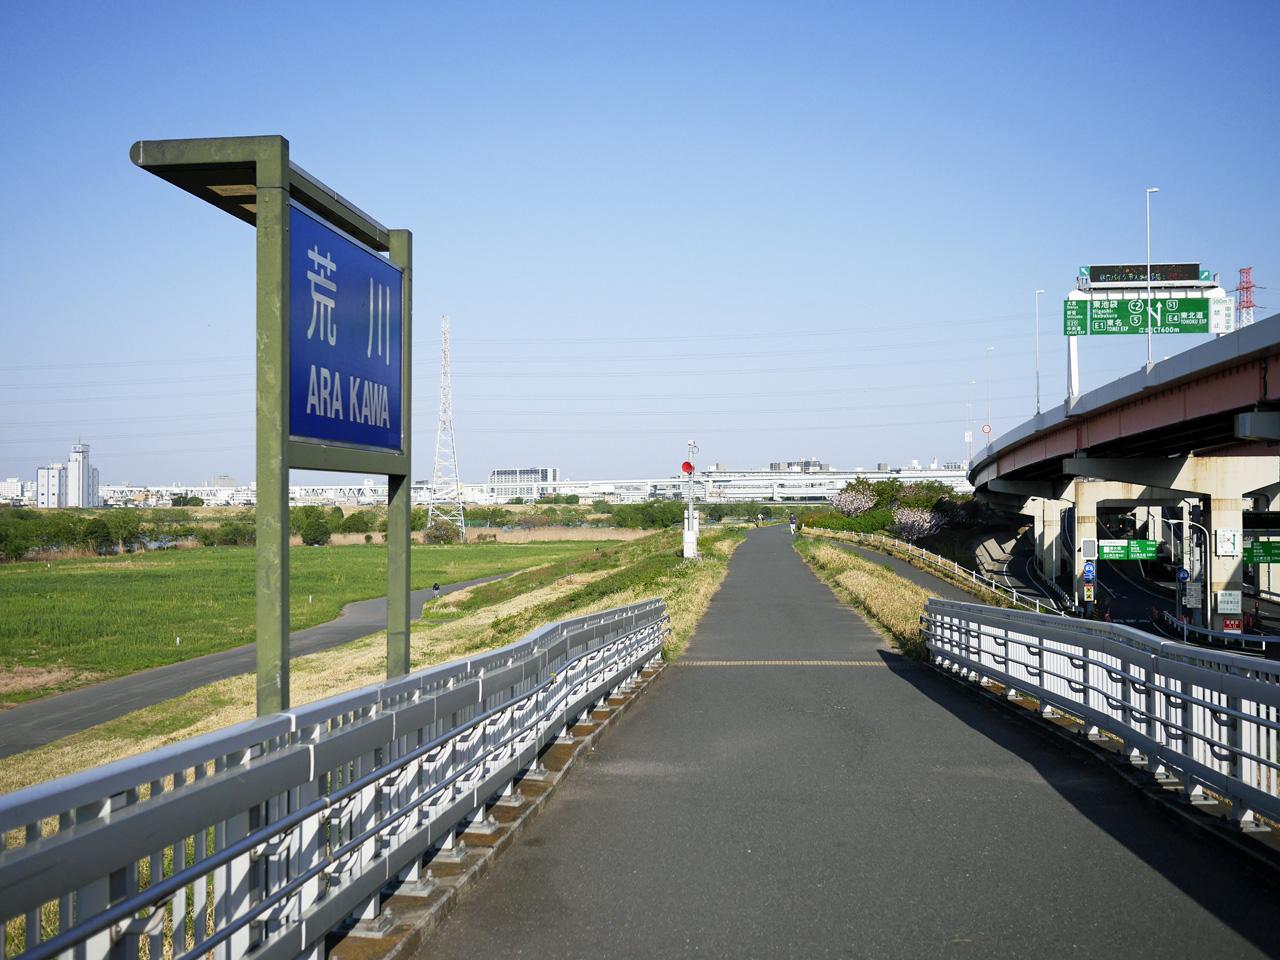 扇大橋北詰から荒川サイクリングロードへアプローチ